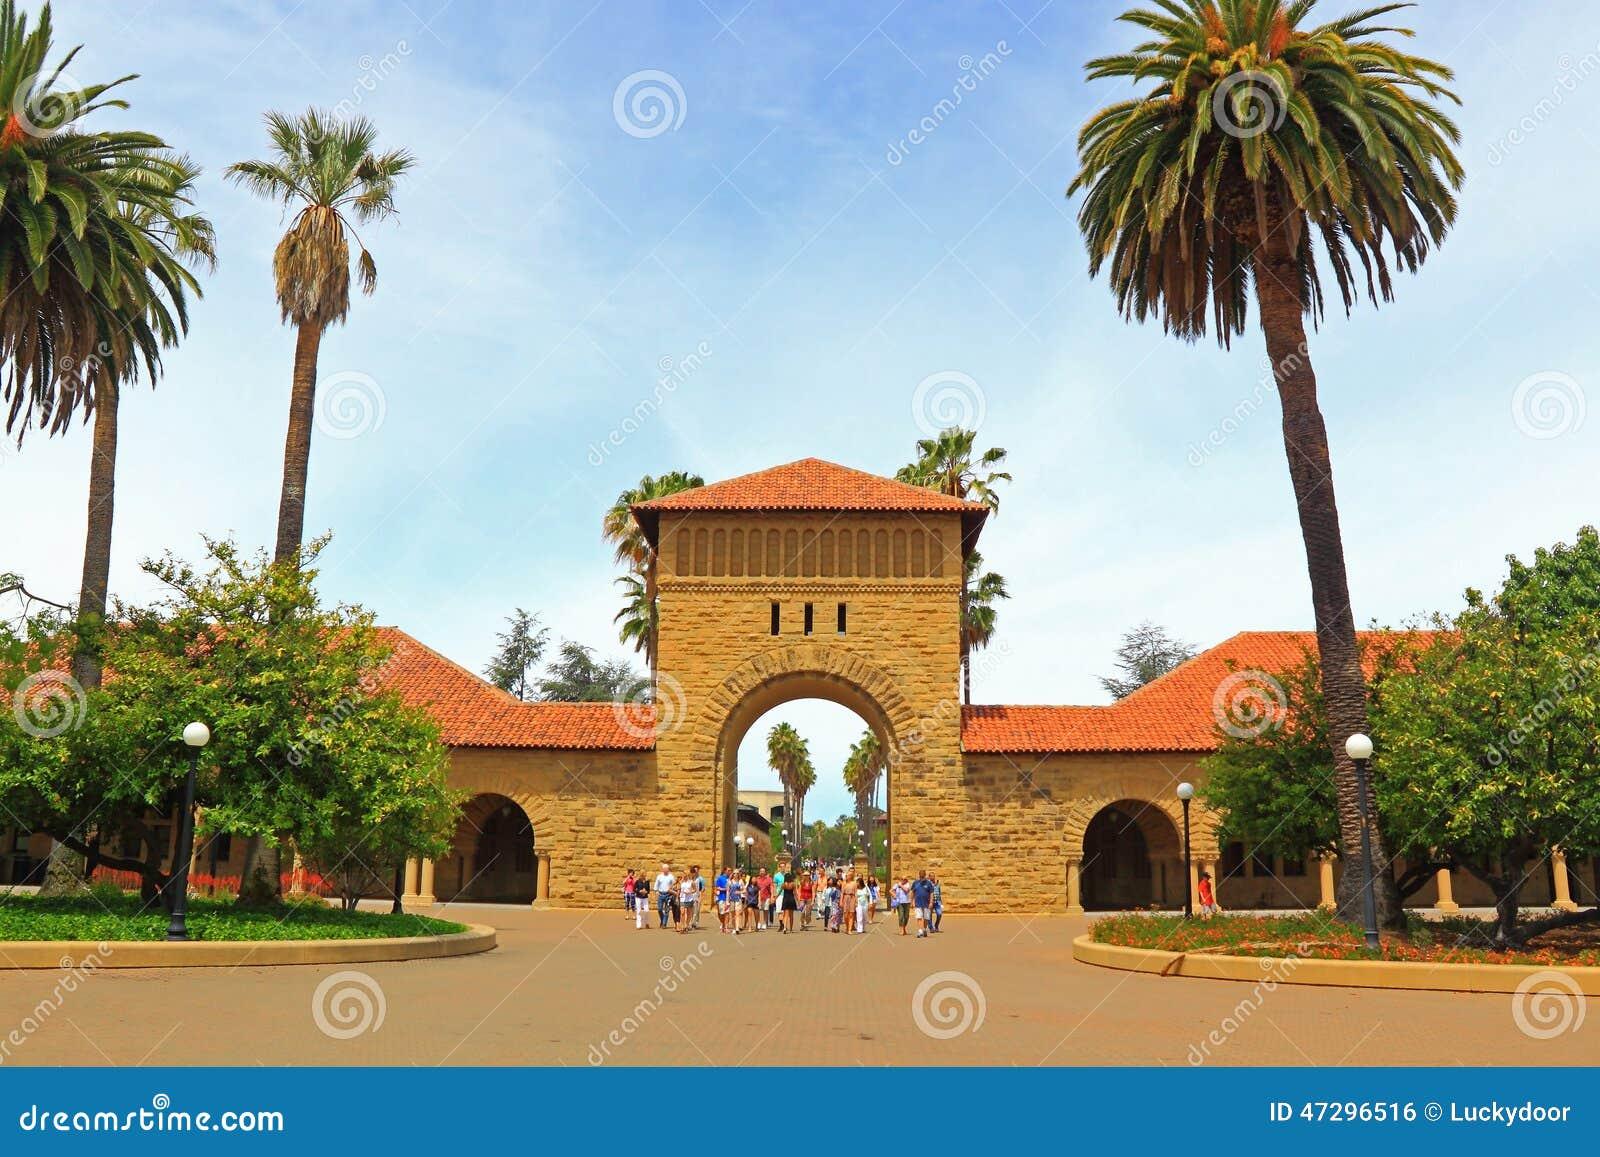 Viaje del campus de la universidad